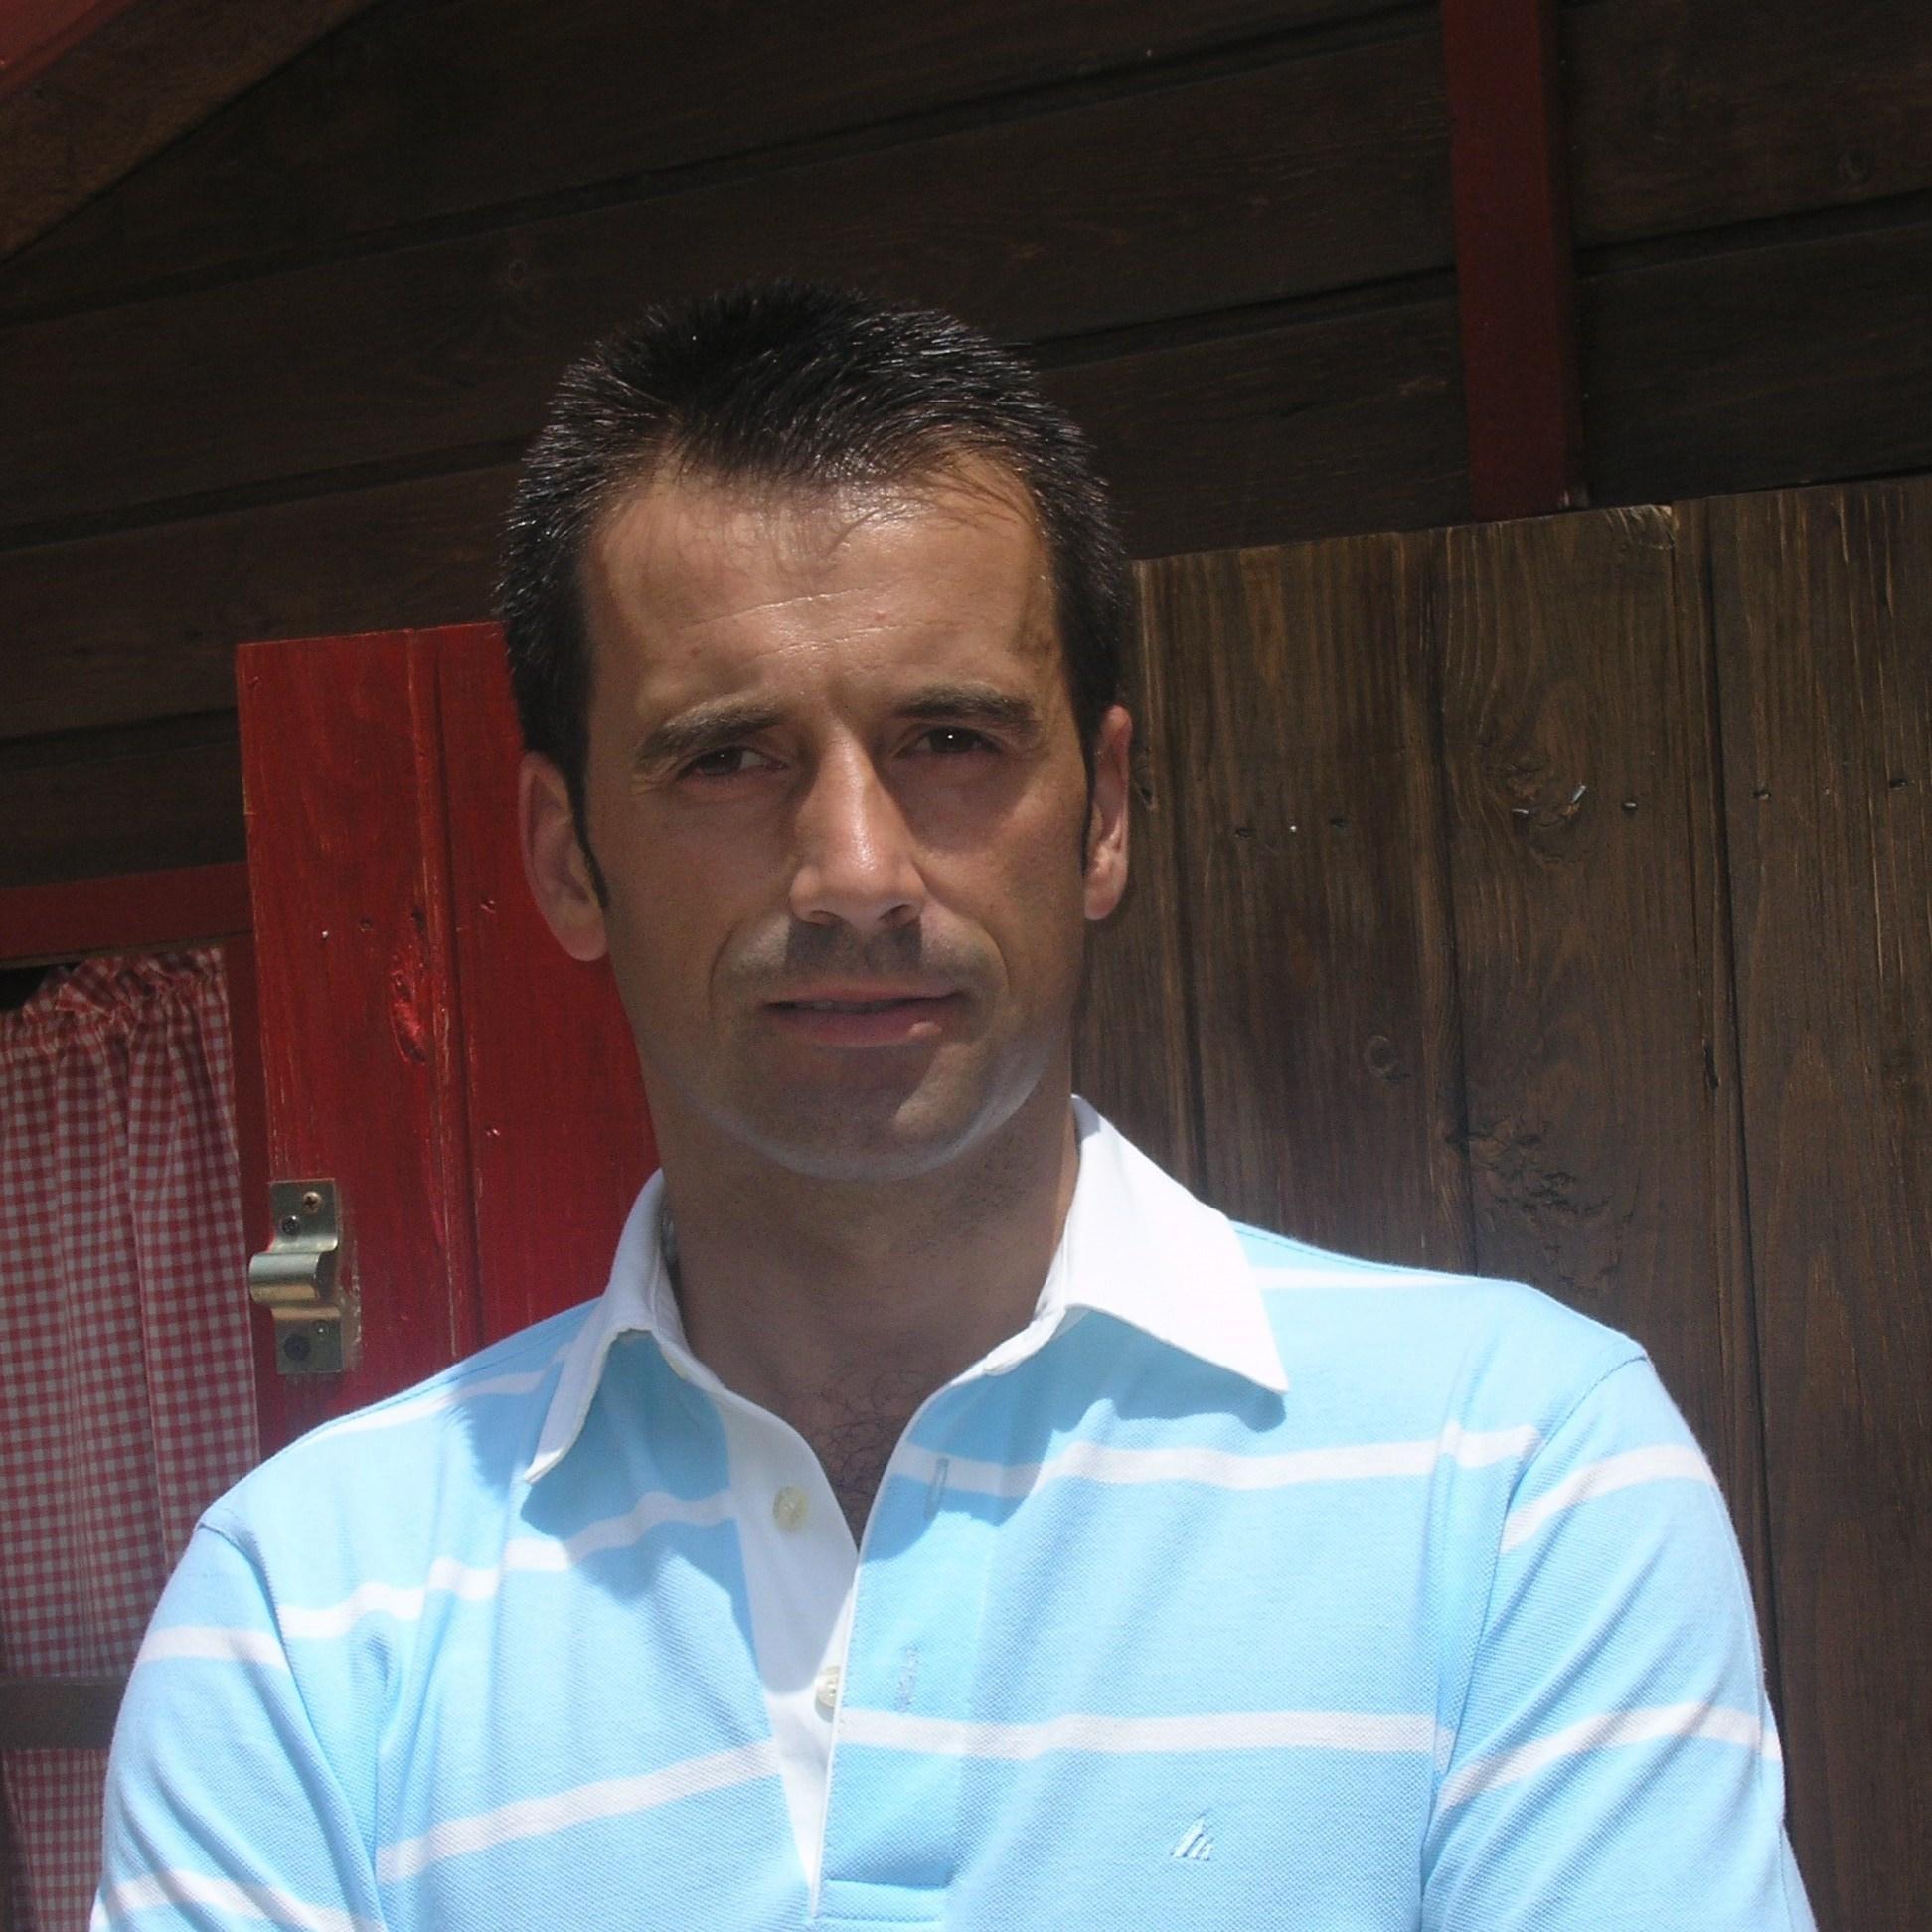 Antonio Jesùs pino